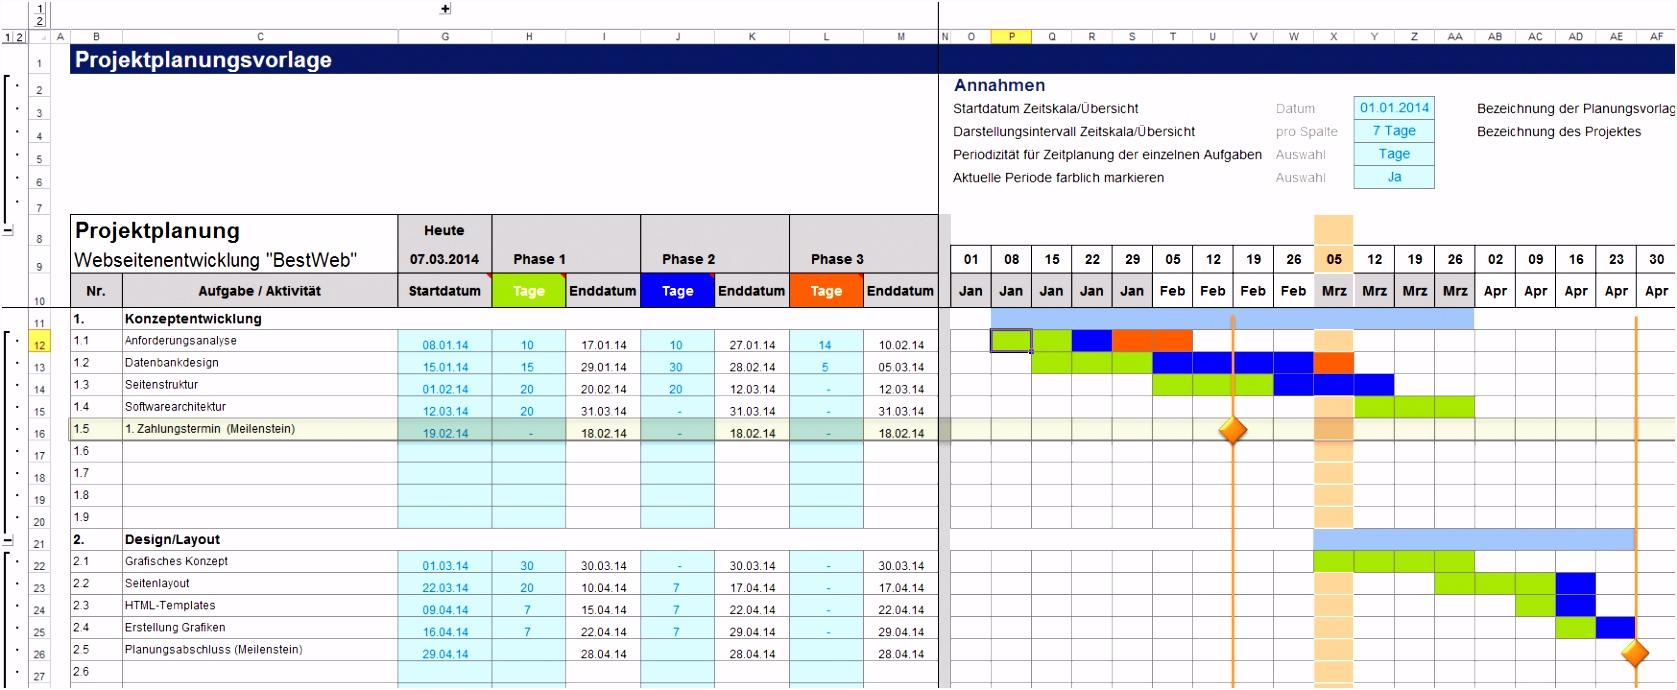 9 Prozessanalyse Excel Vorlage